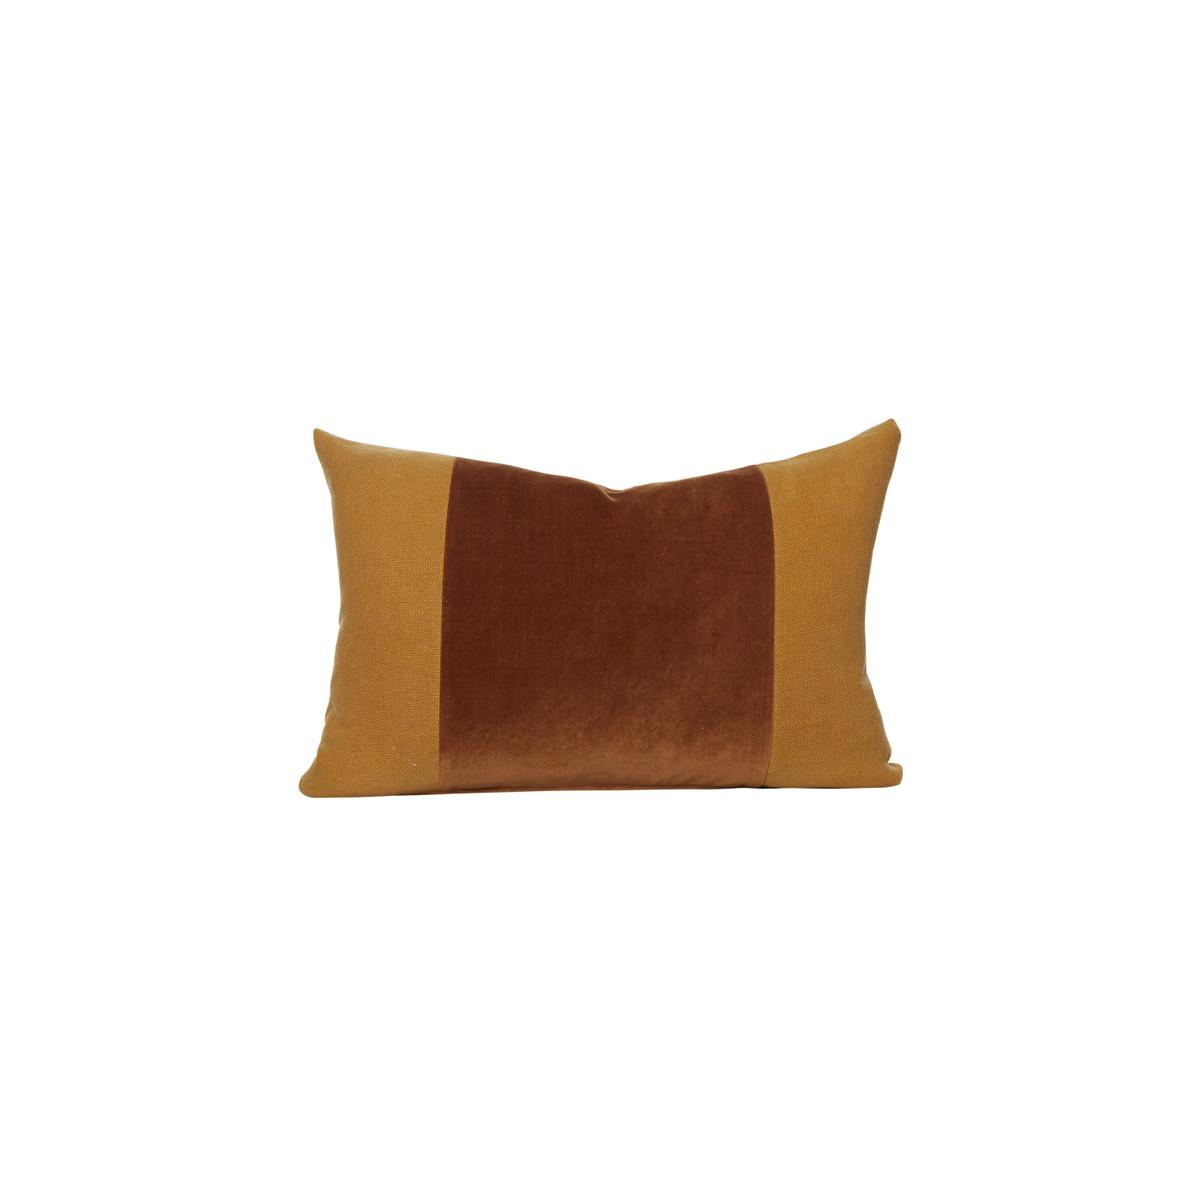 Aden Golden Topaz Velvet Decorative Pillow - Front